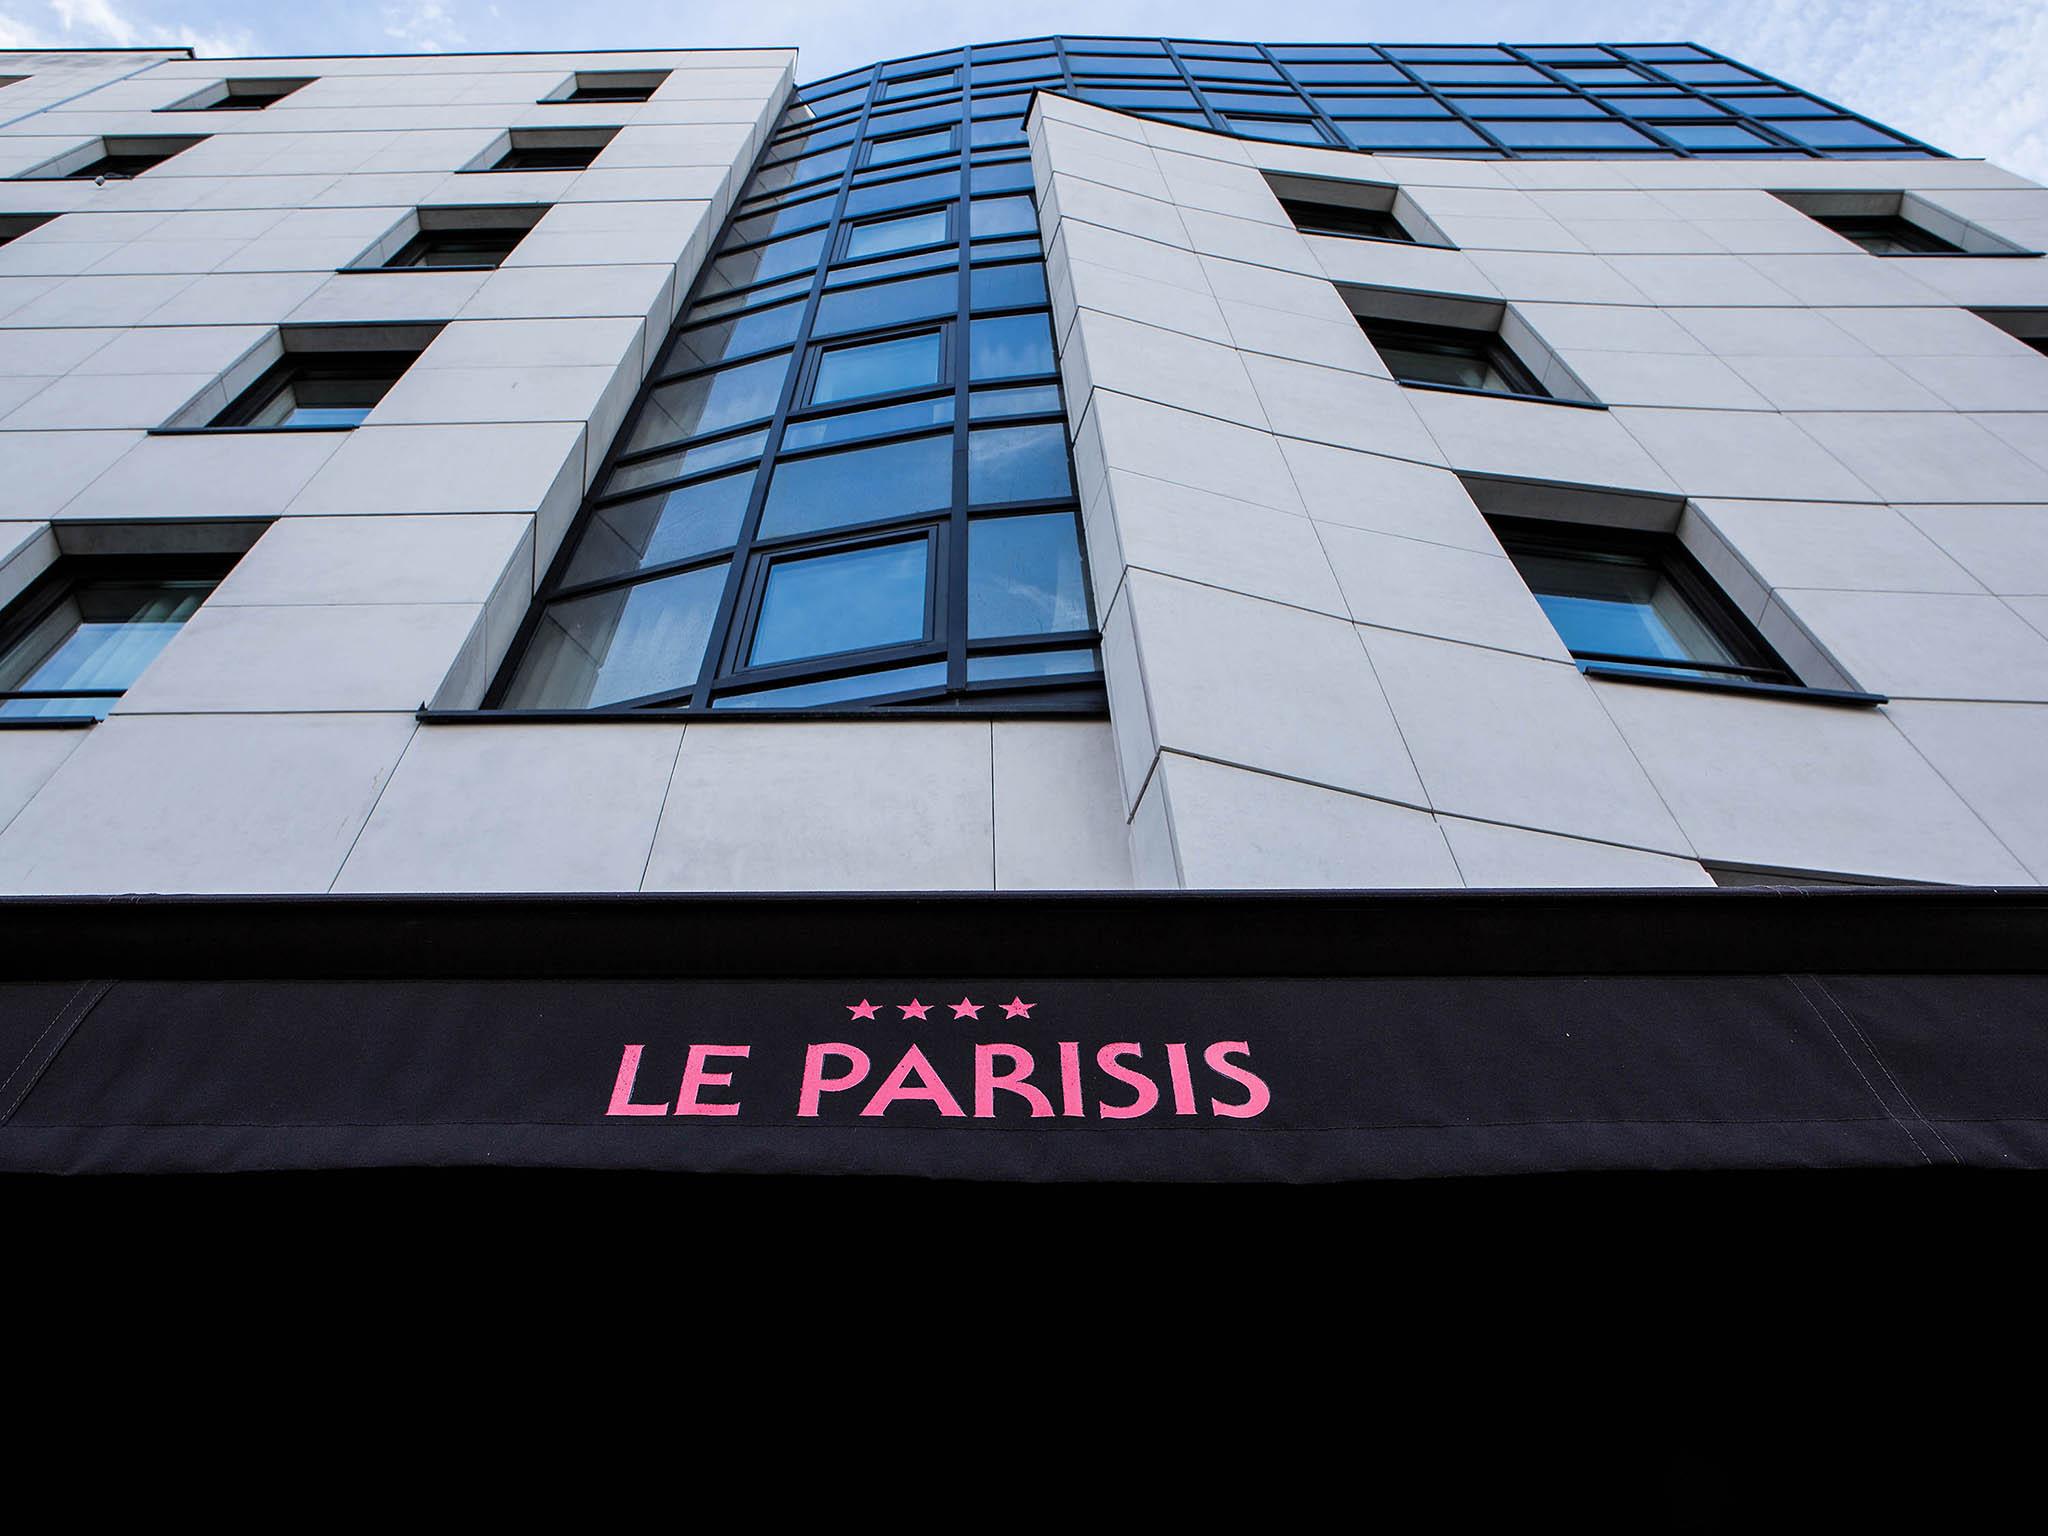 Hotel Le Parisis Paris